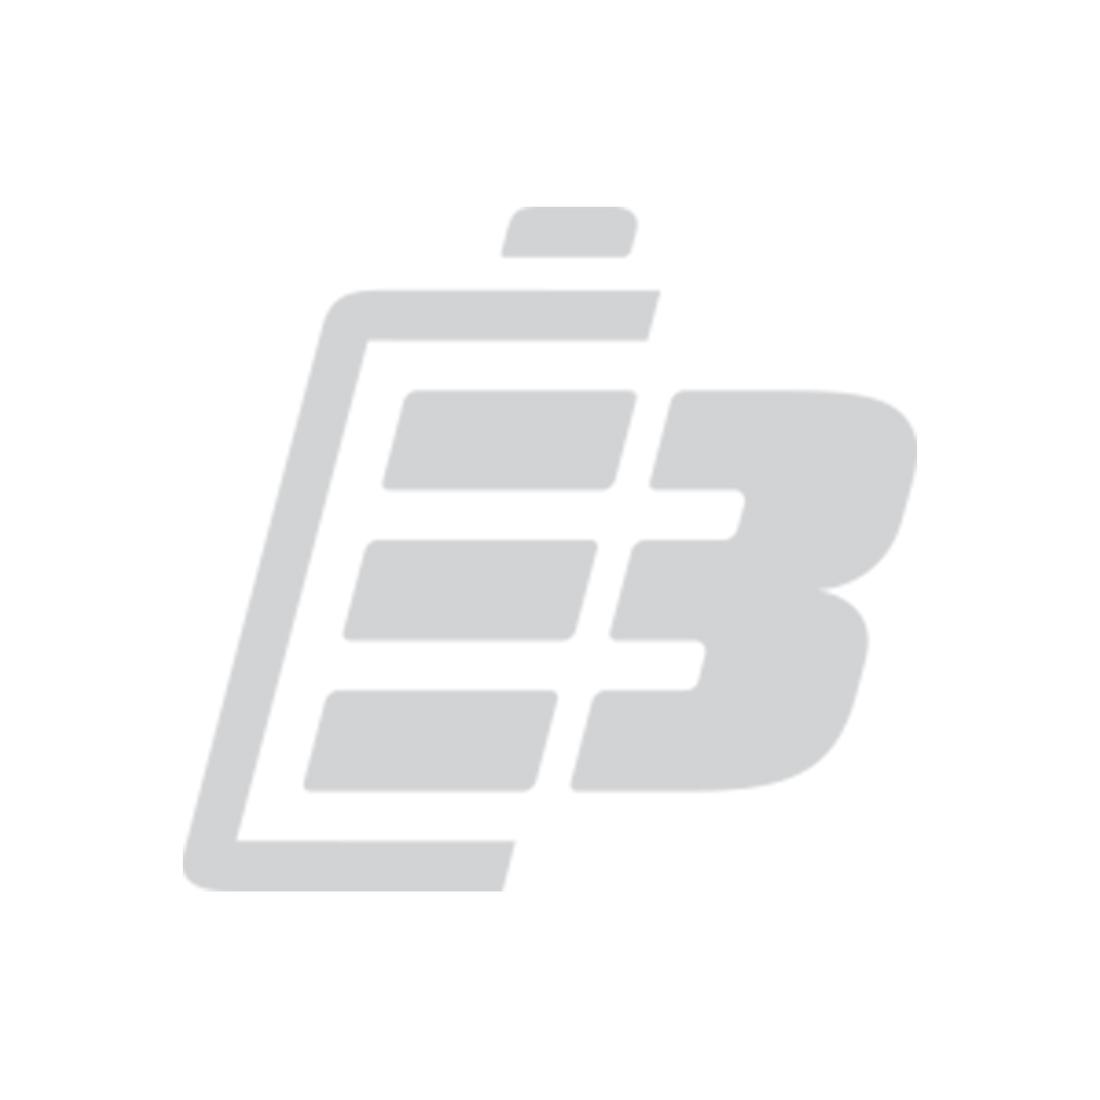 Μπαταρία smartphone Motorola Atrix 4G_1